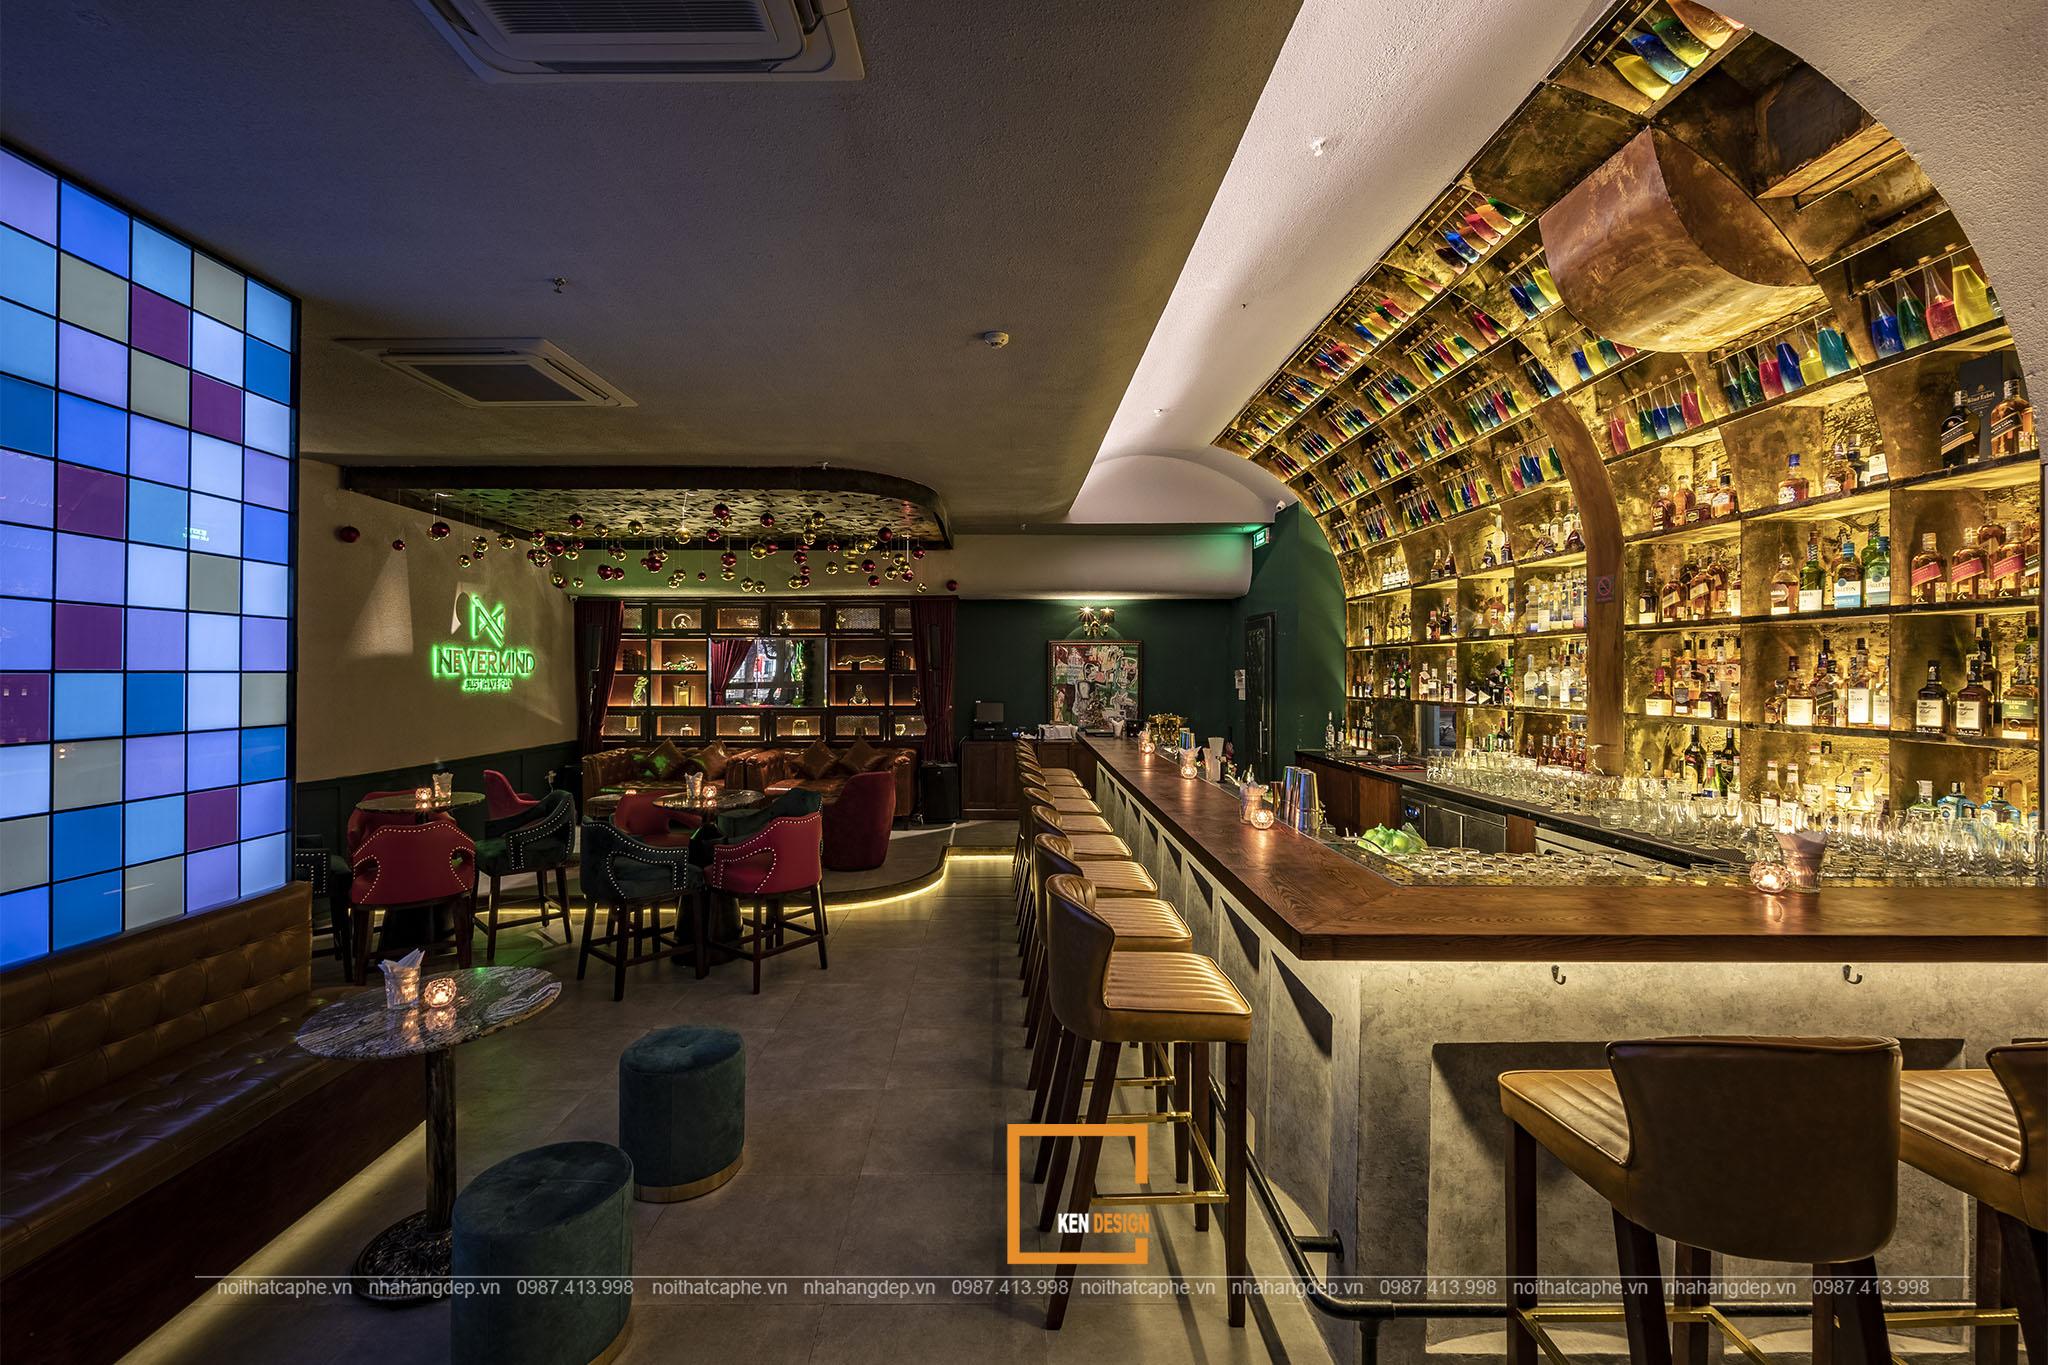 Mẫu thiết kế bar lounge sang trọng